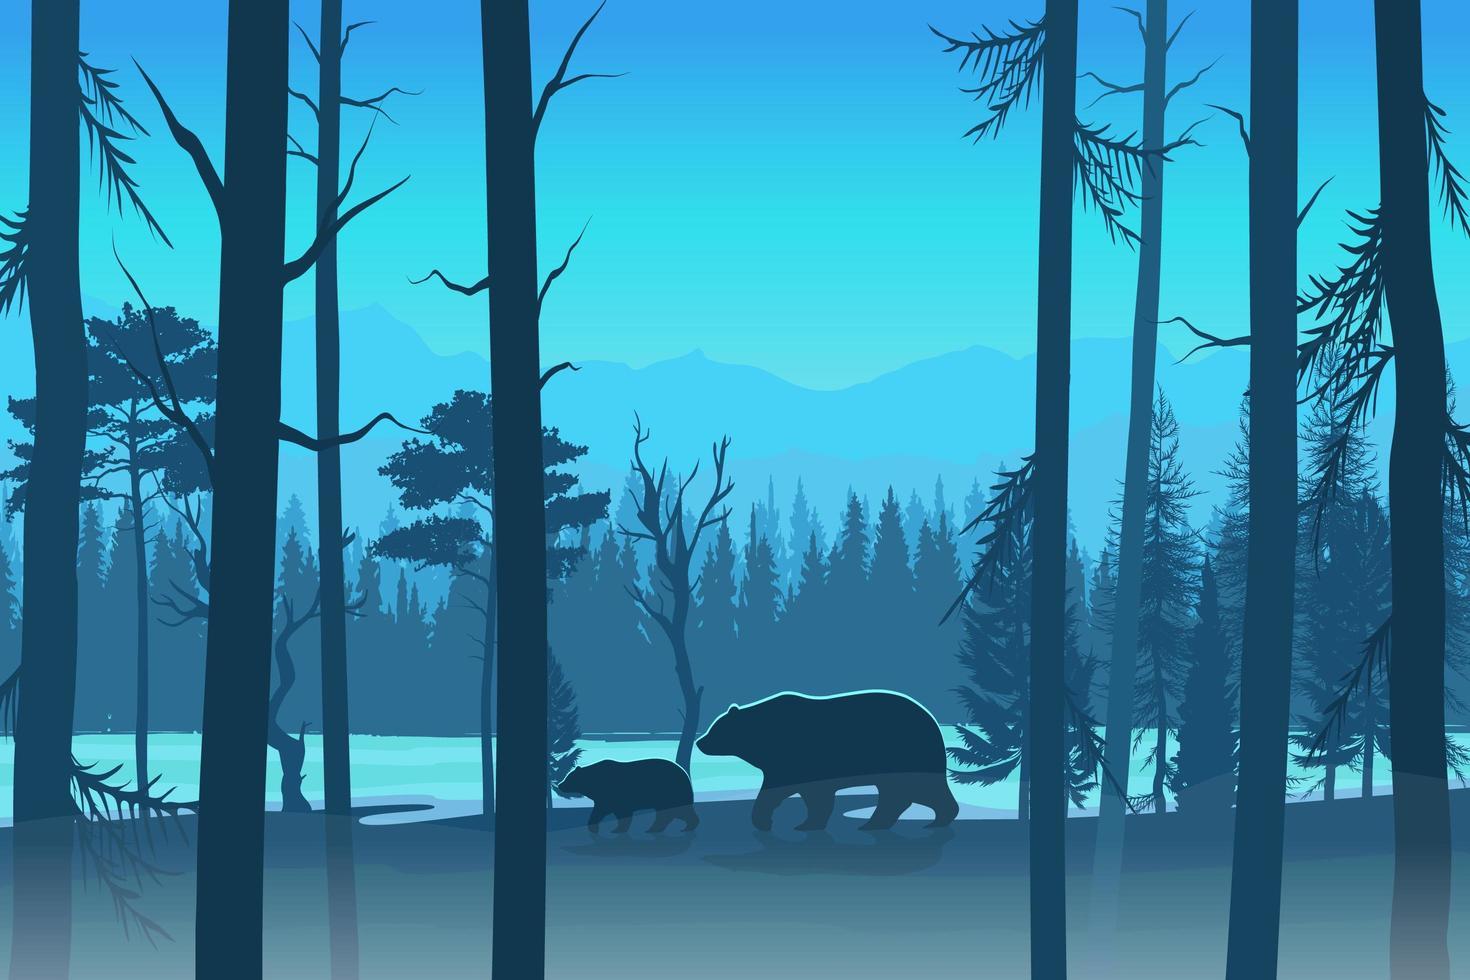 osos en el diseño del bosque en tonos azules. vector